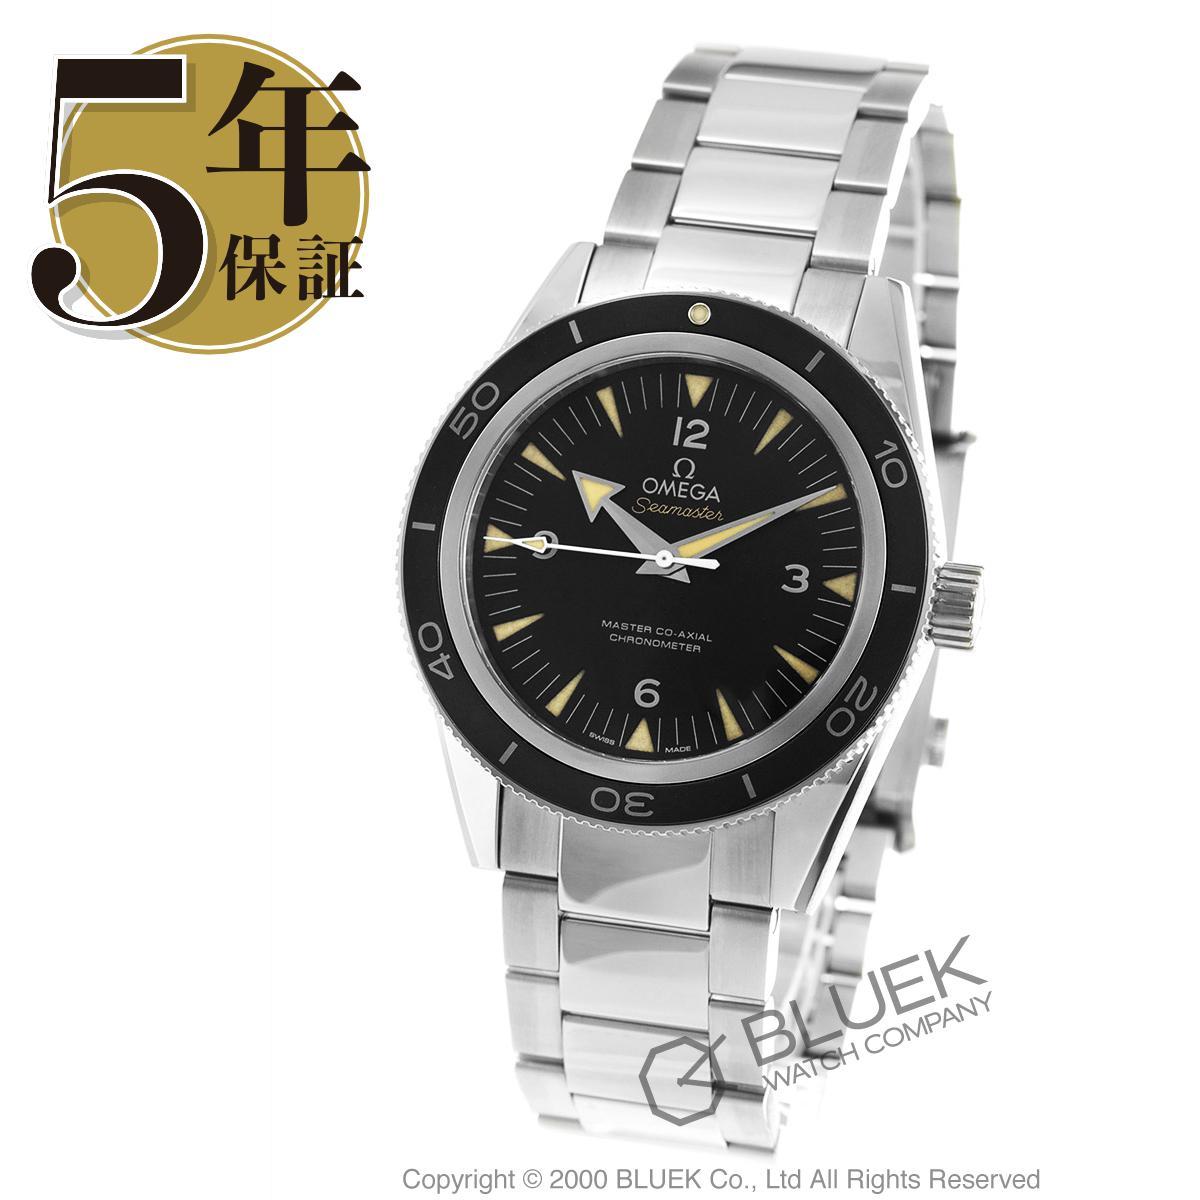 オメガ シーマスター 300m マスター コーアクシャル 300m防水 腕時計 メンズ OMEGA 233.30.41.21.01.001_8